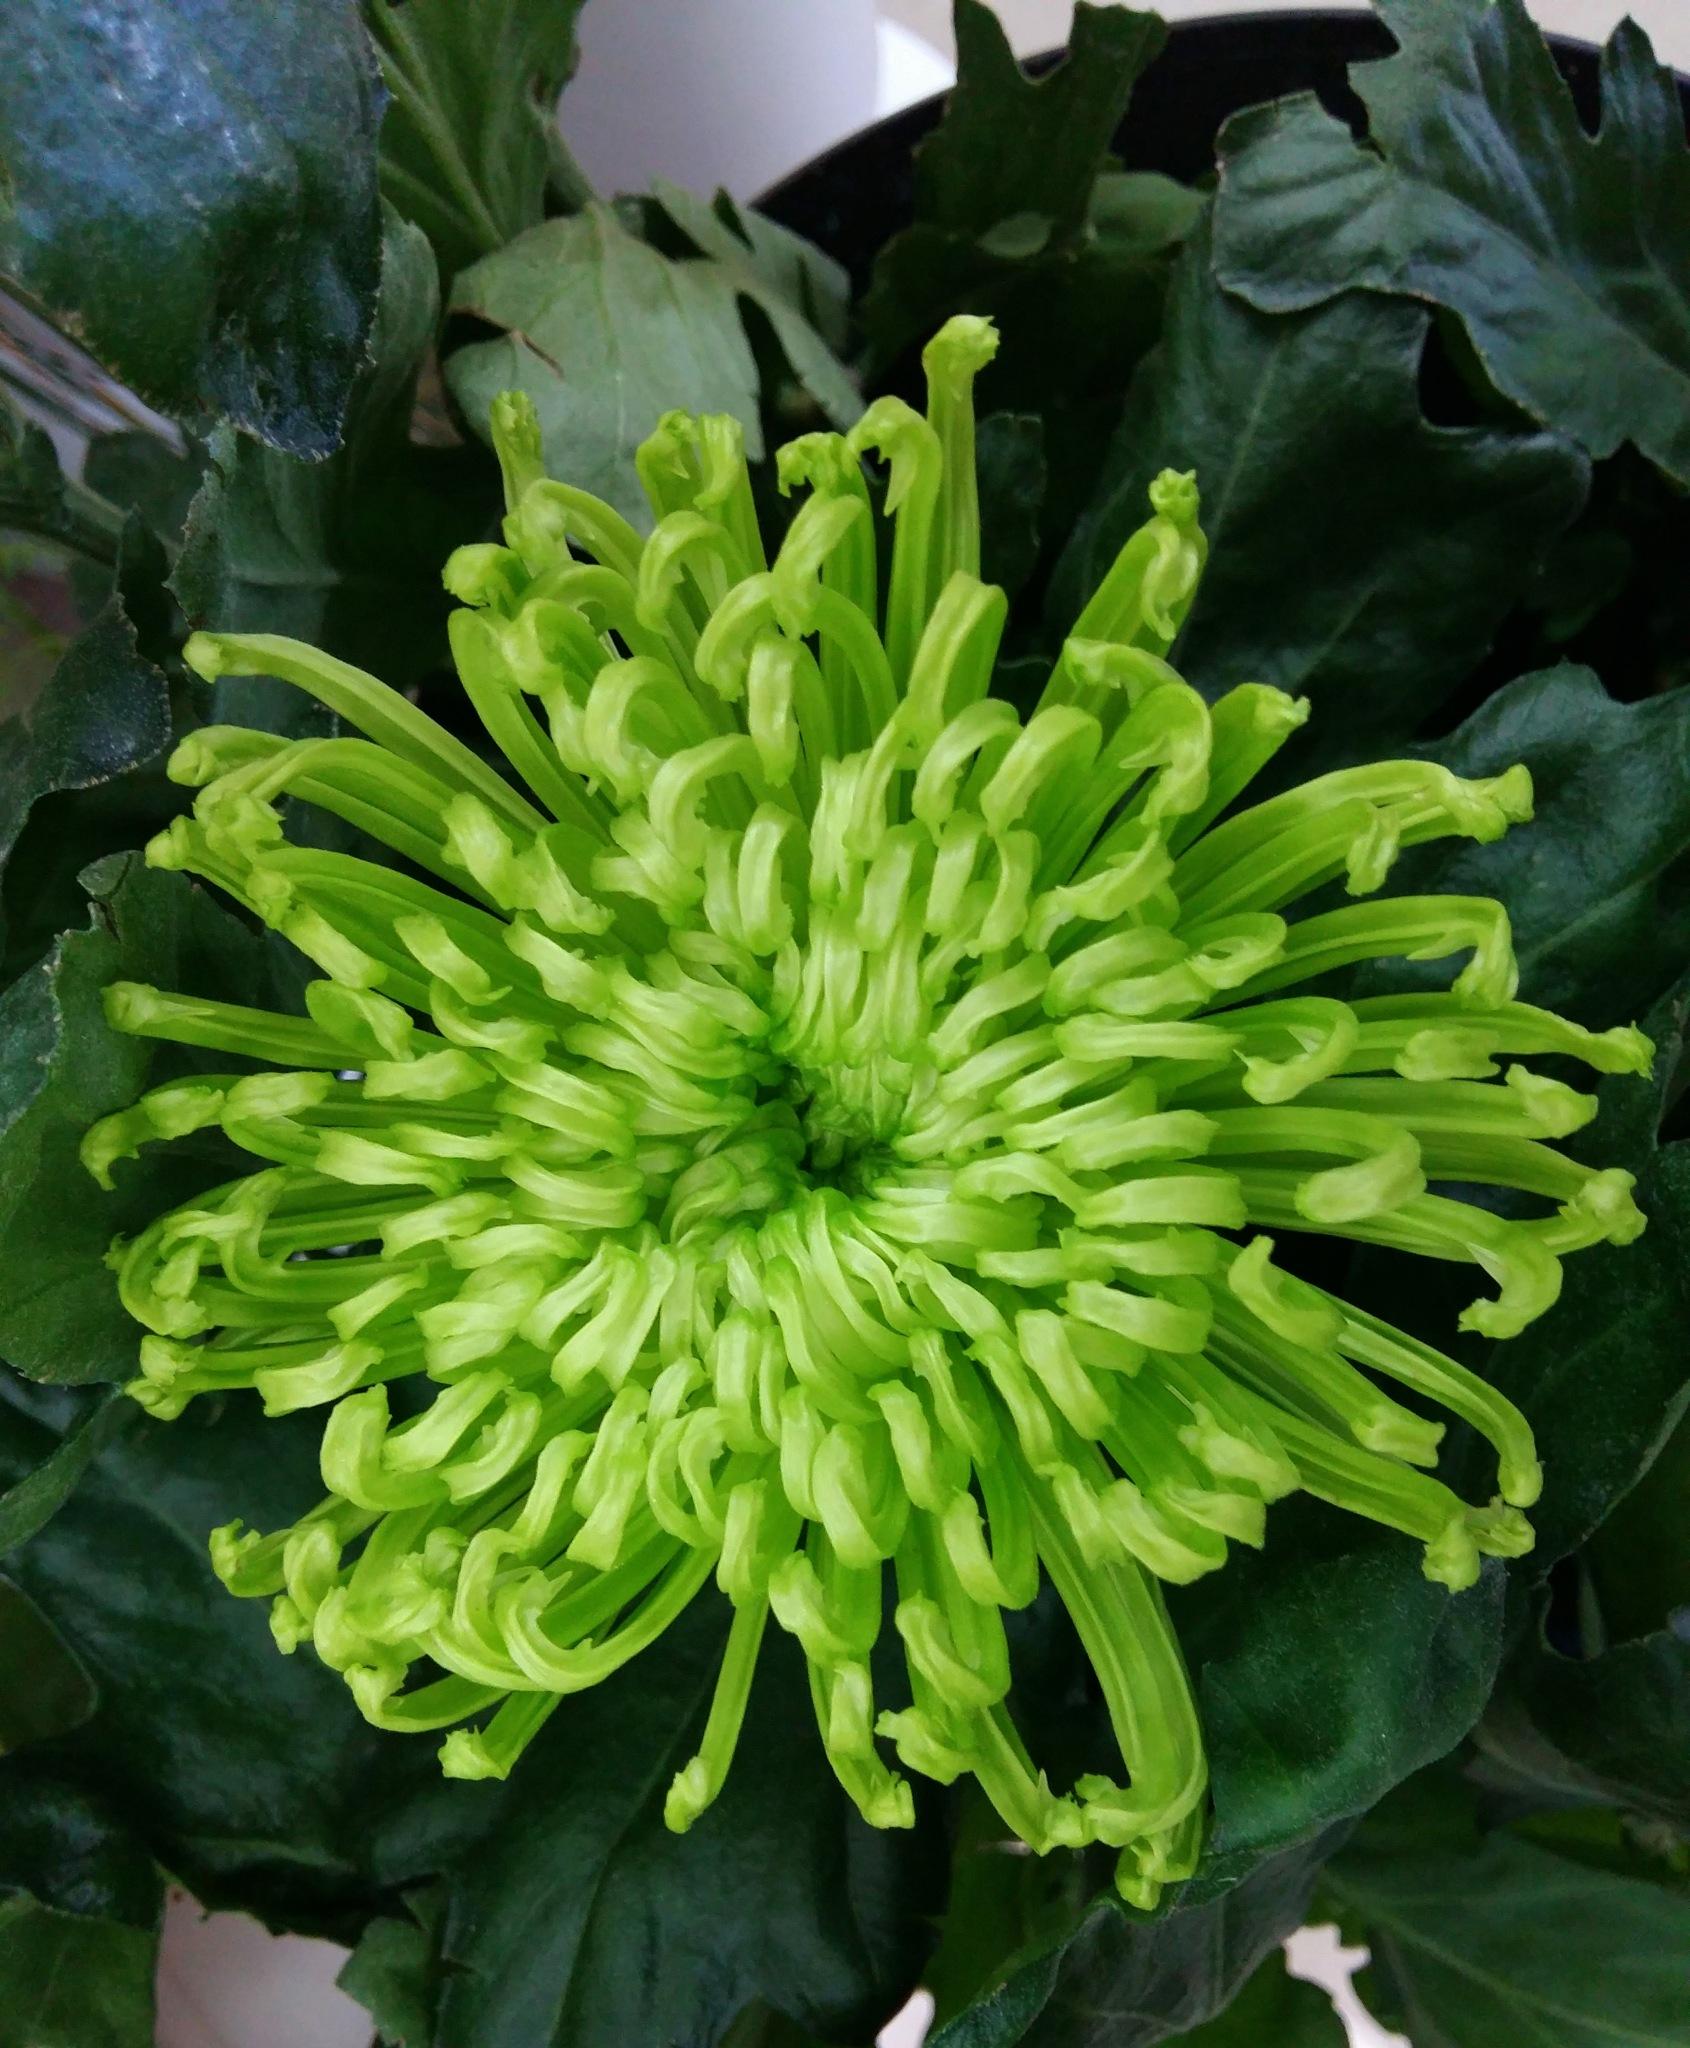 Chrysanthemum by uzkuraitiene62